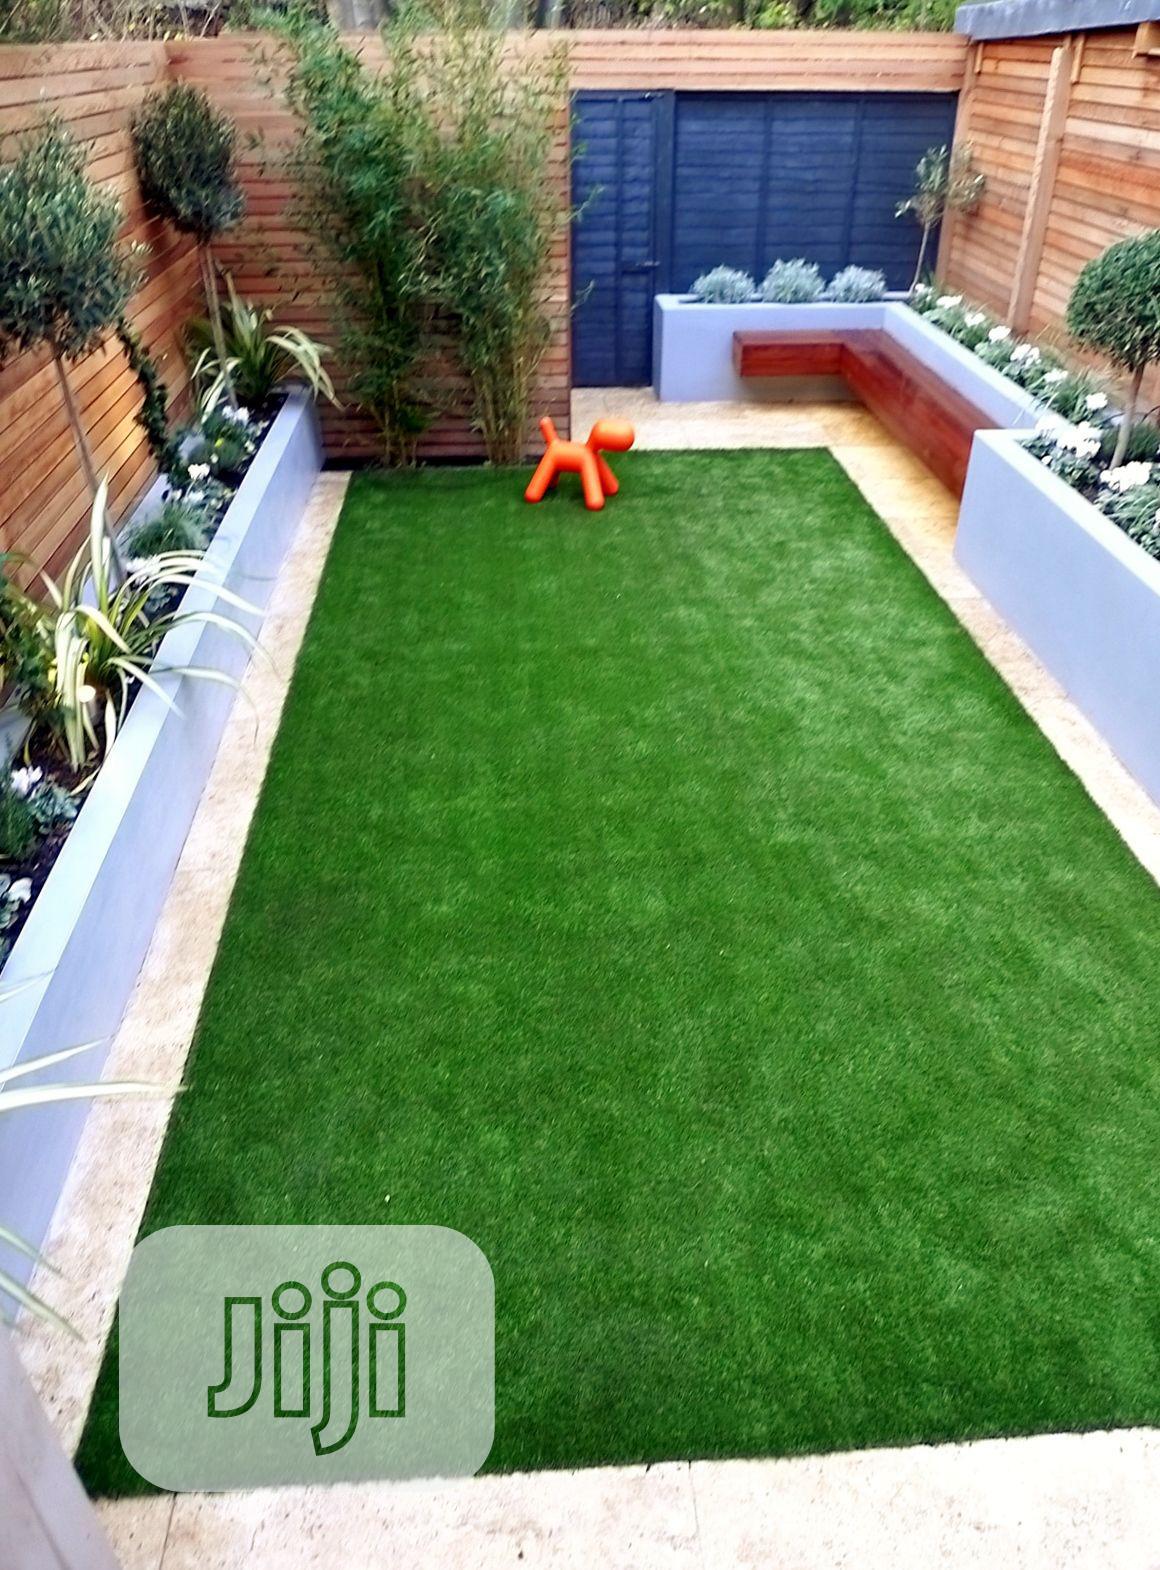 Original & Quality Artificial Green Grass Carpet For Home & Garden.